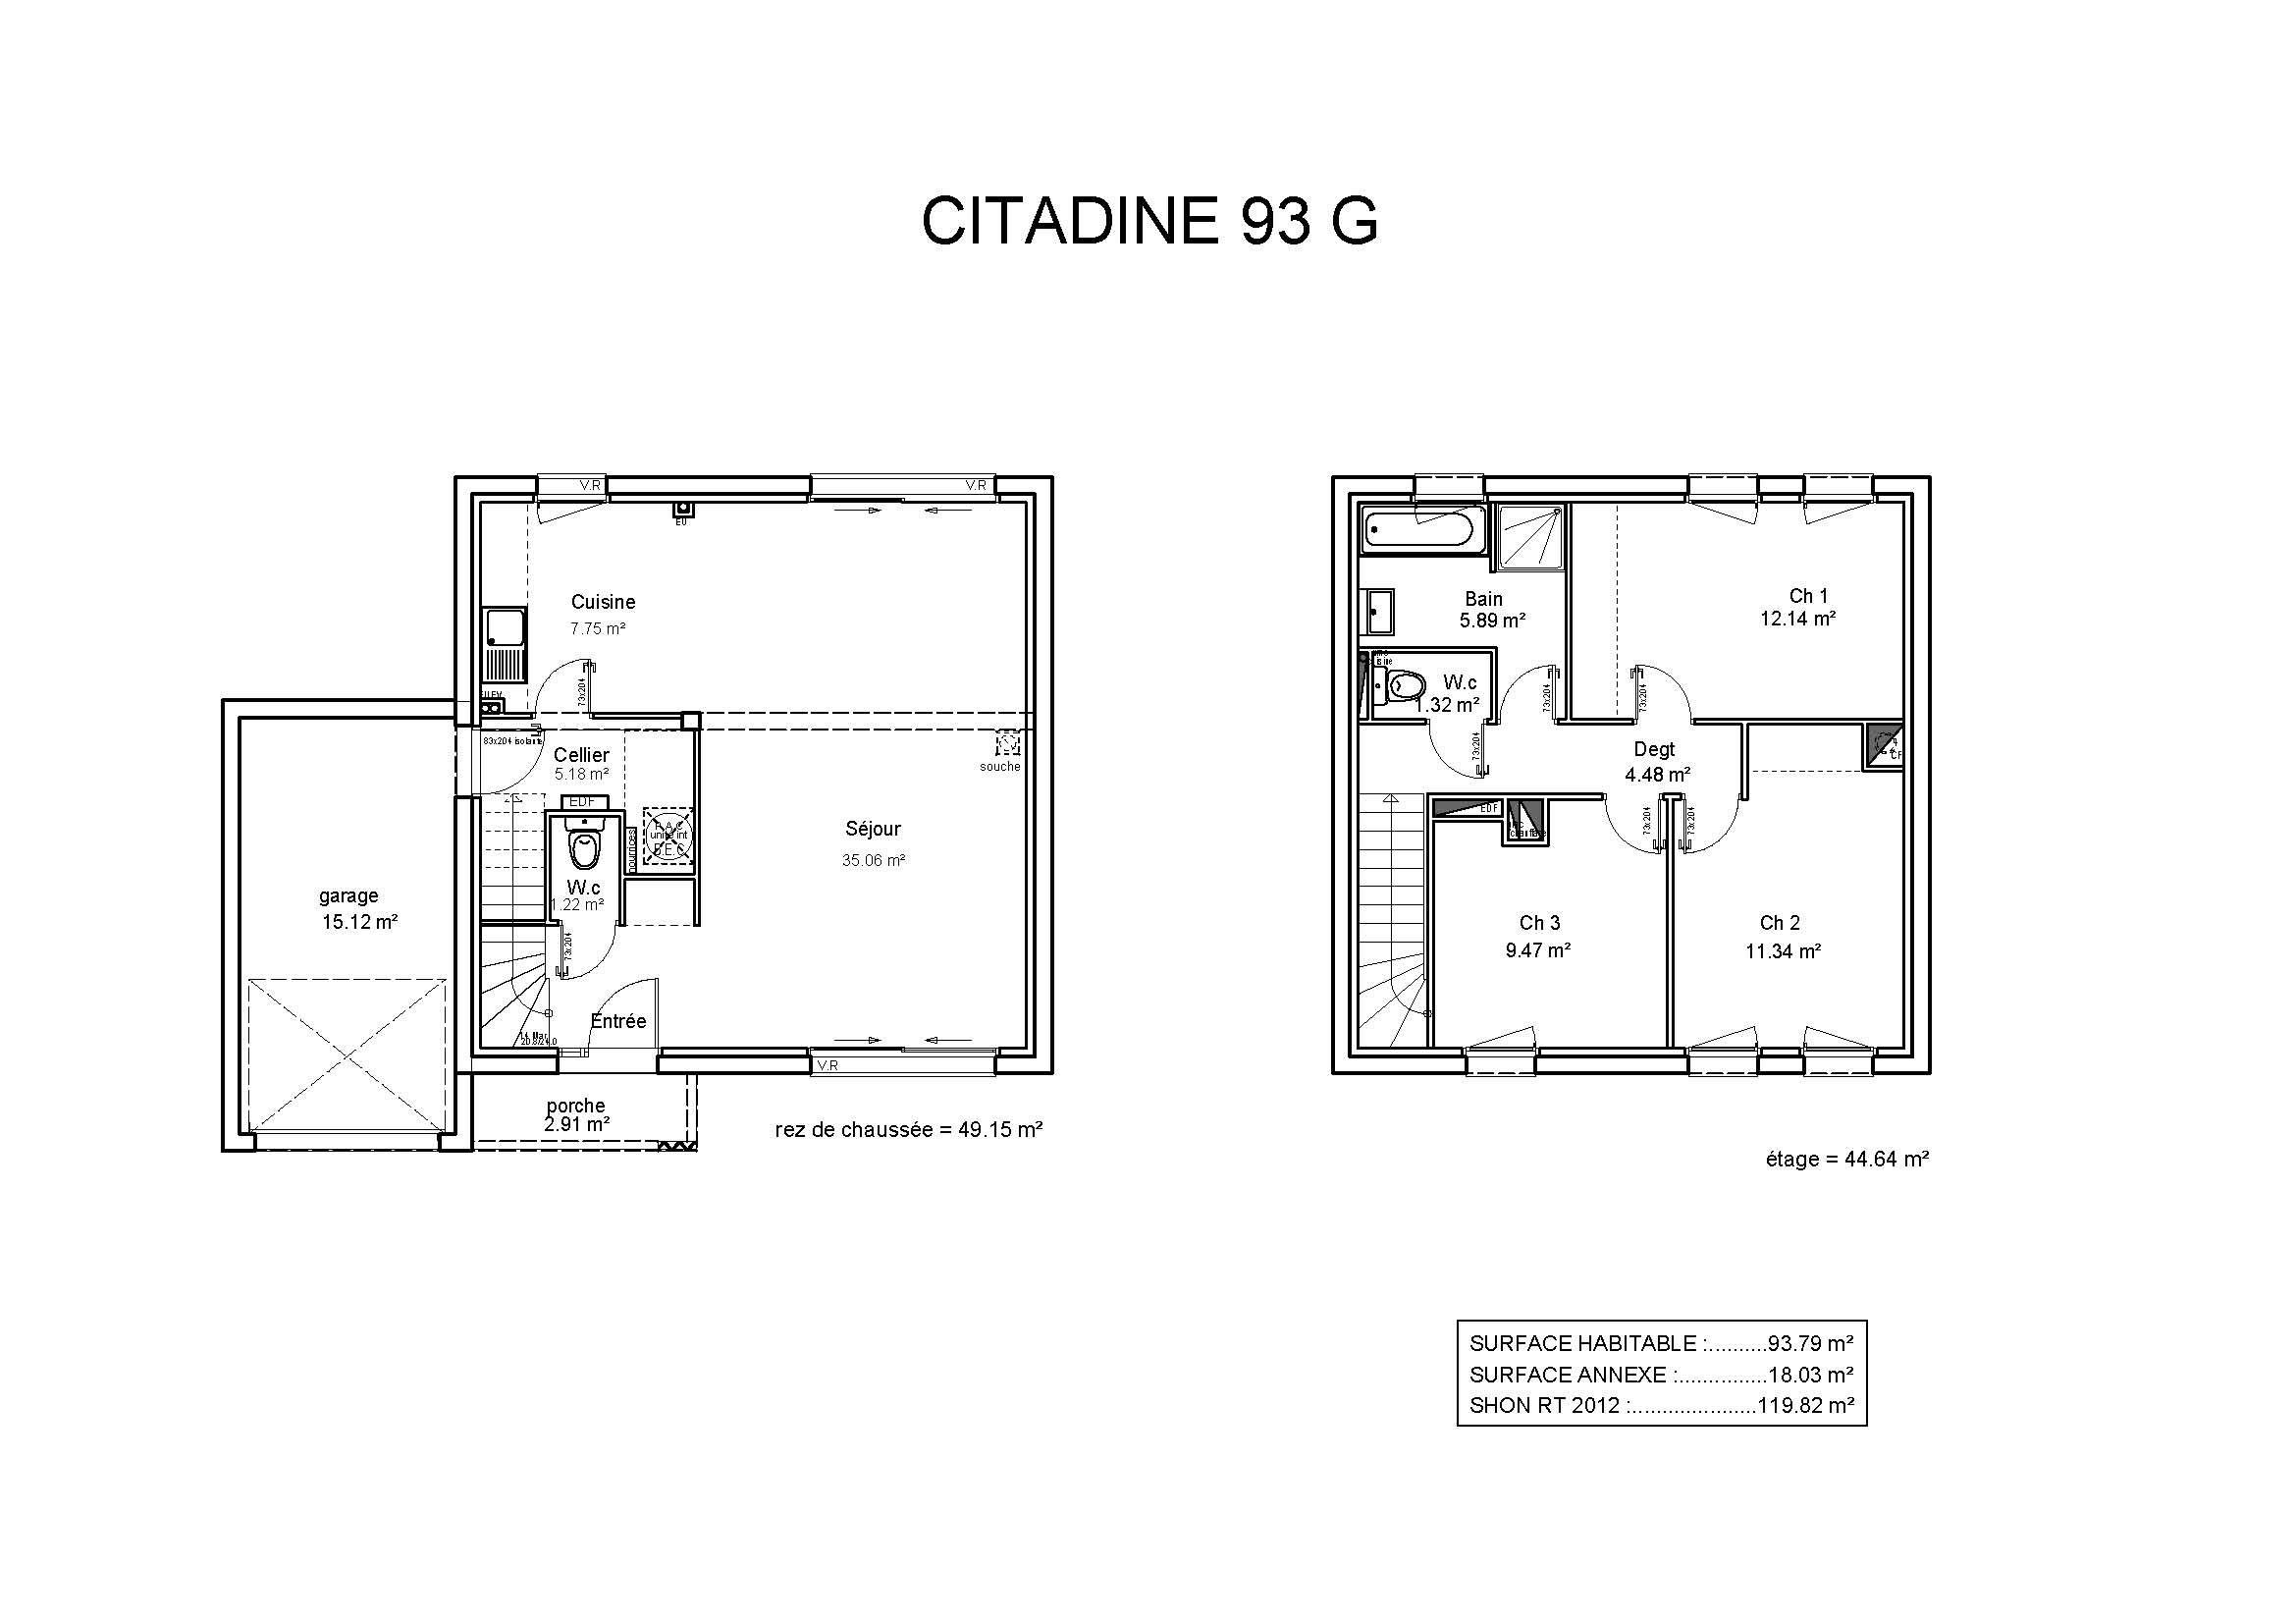 Modèles et plans de maisons modèle à étage ligne citadine constructions demeures côte argent